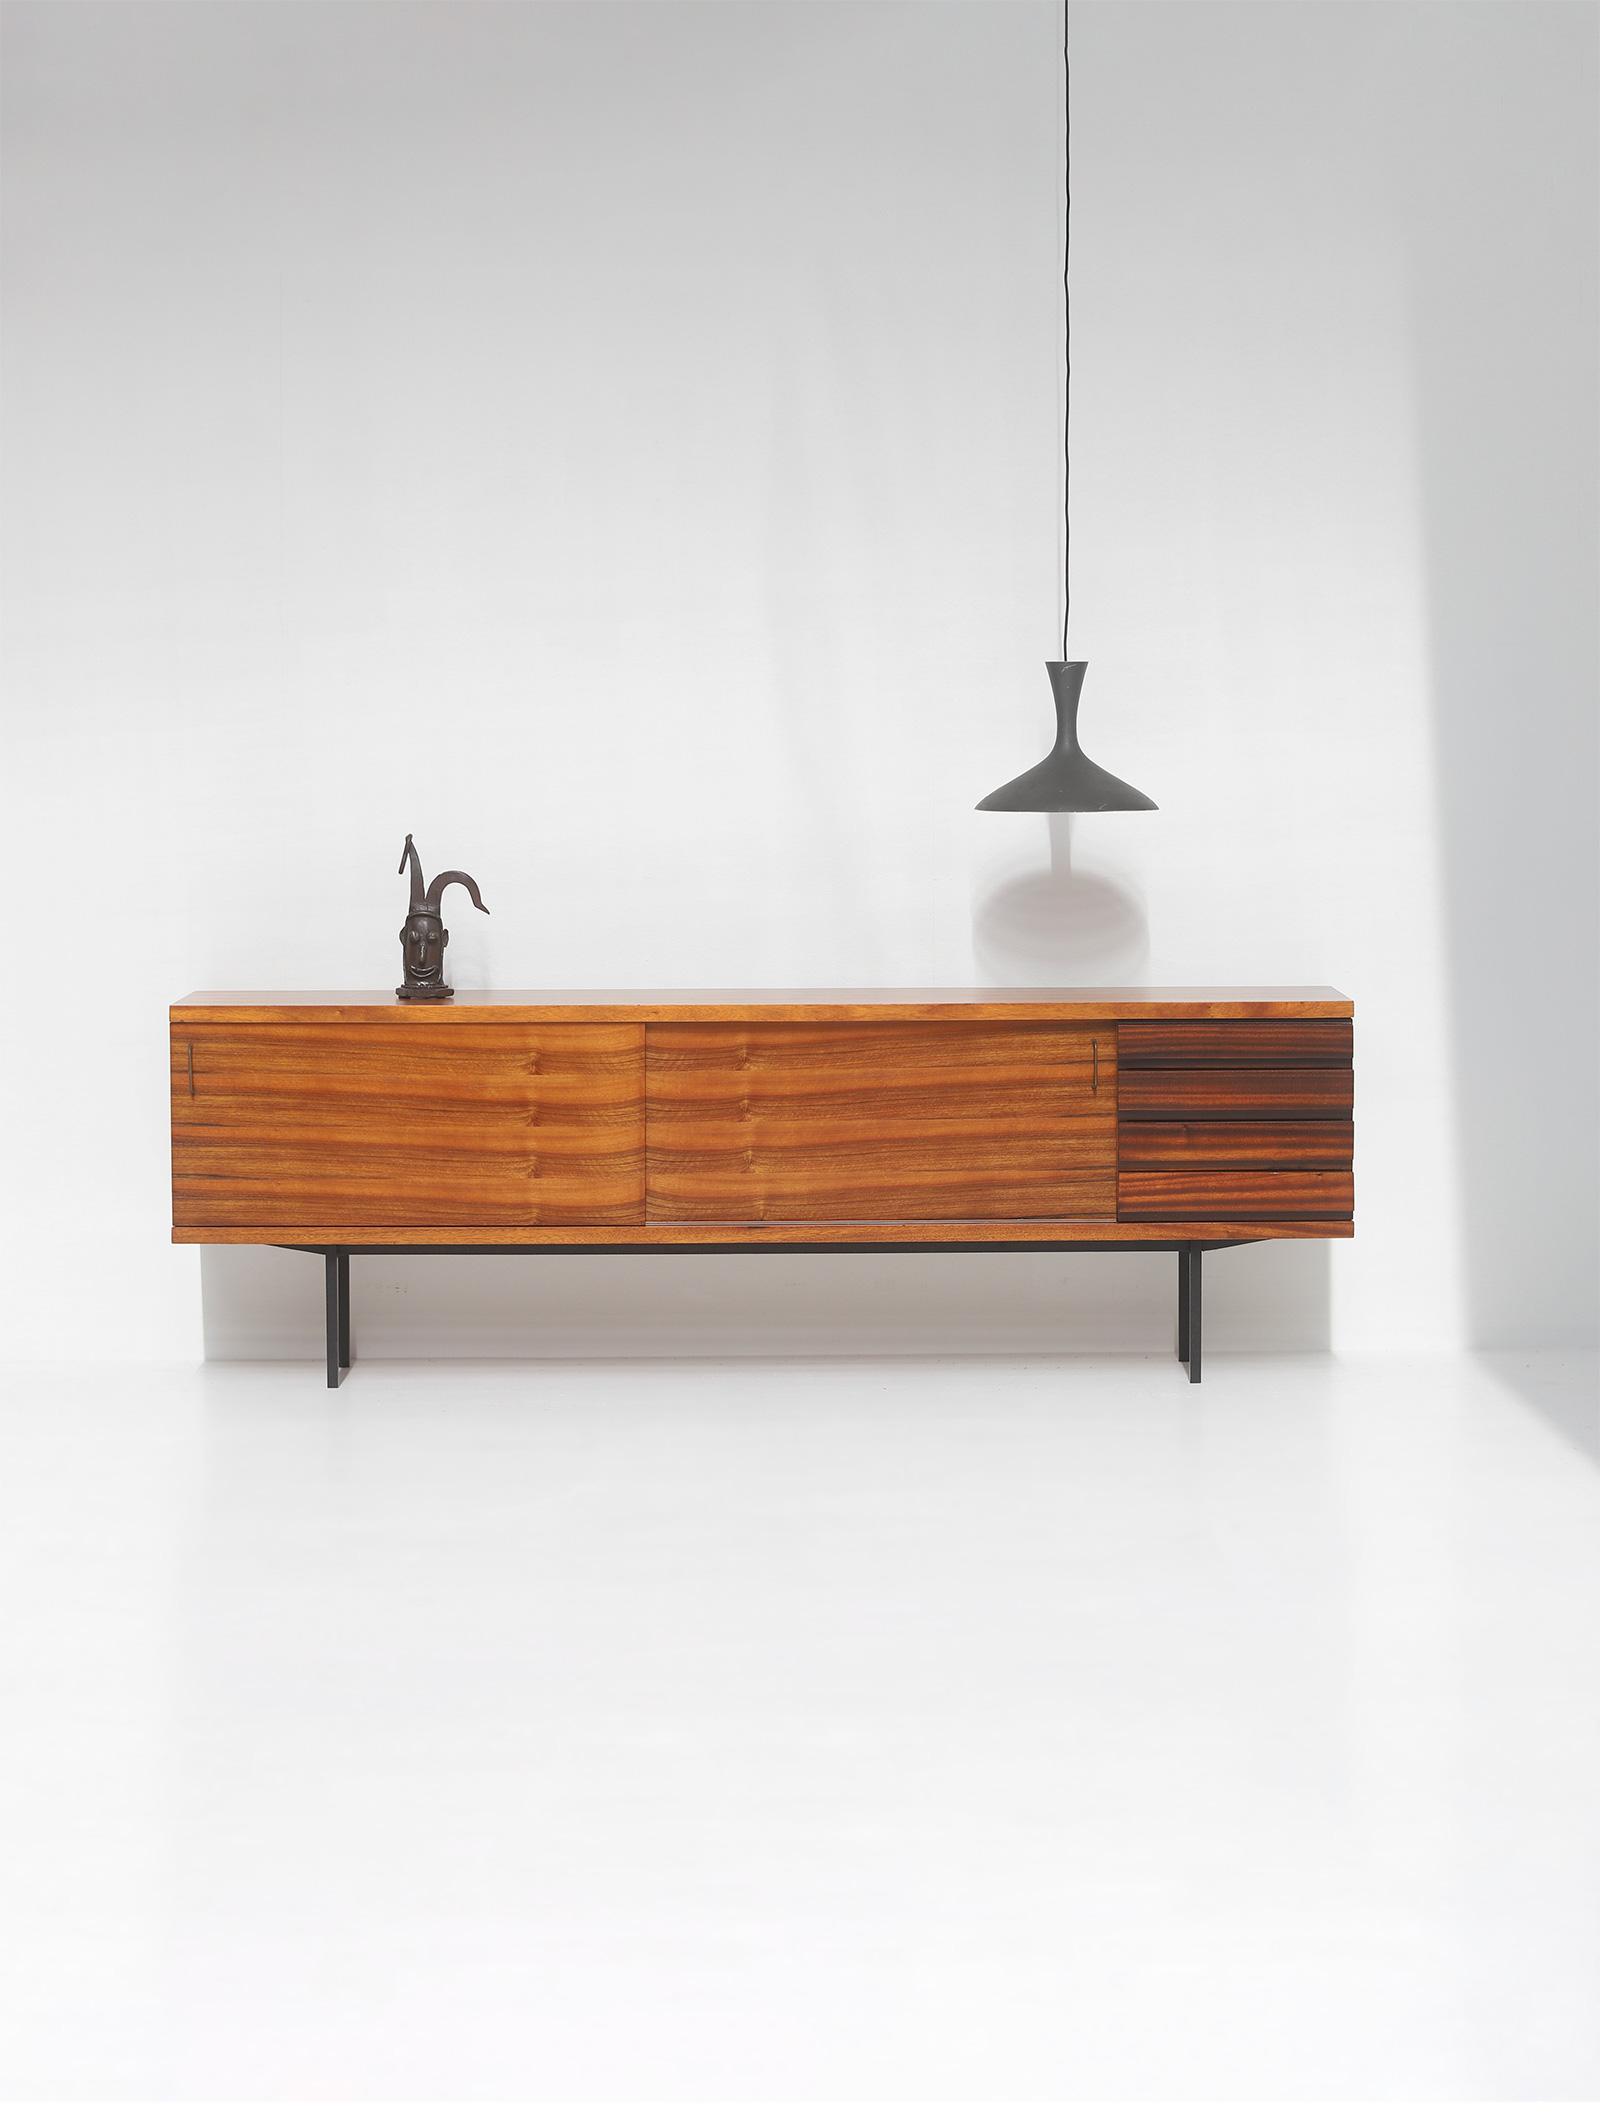 Luxus Sideboard by Jos De Mey 1950simage 1